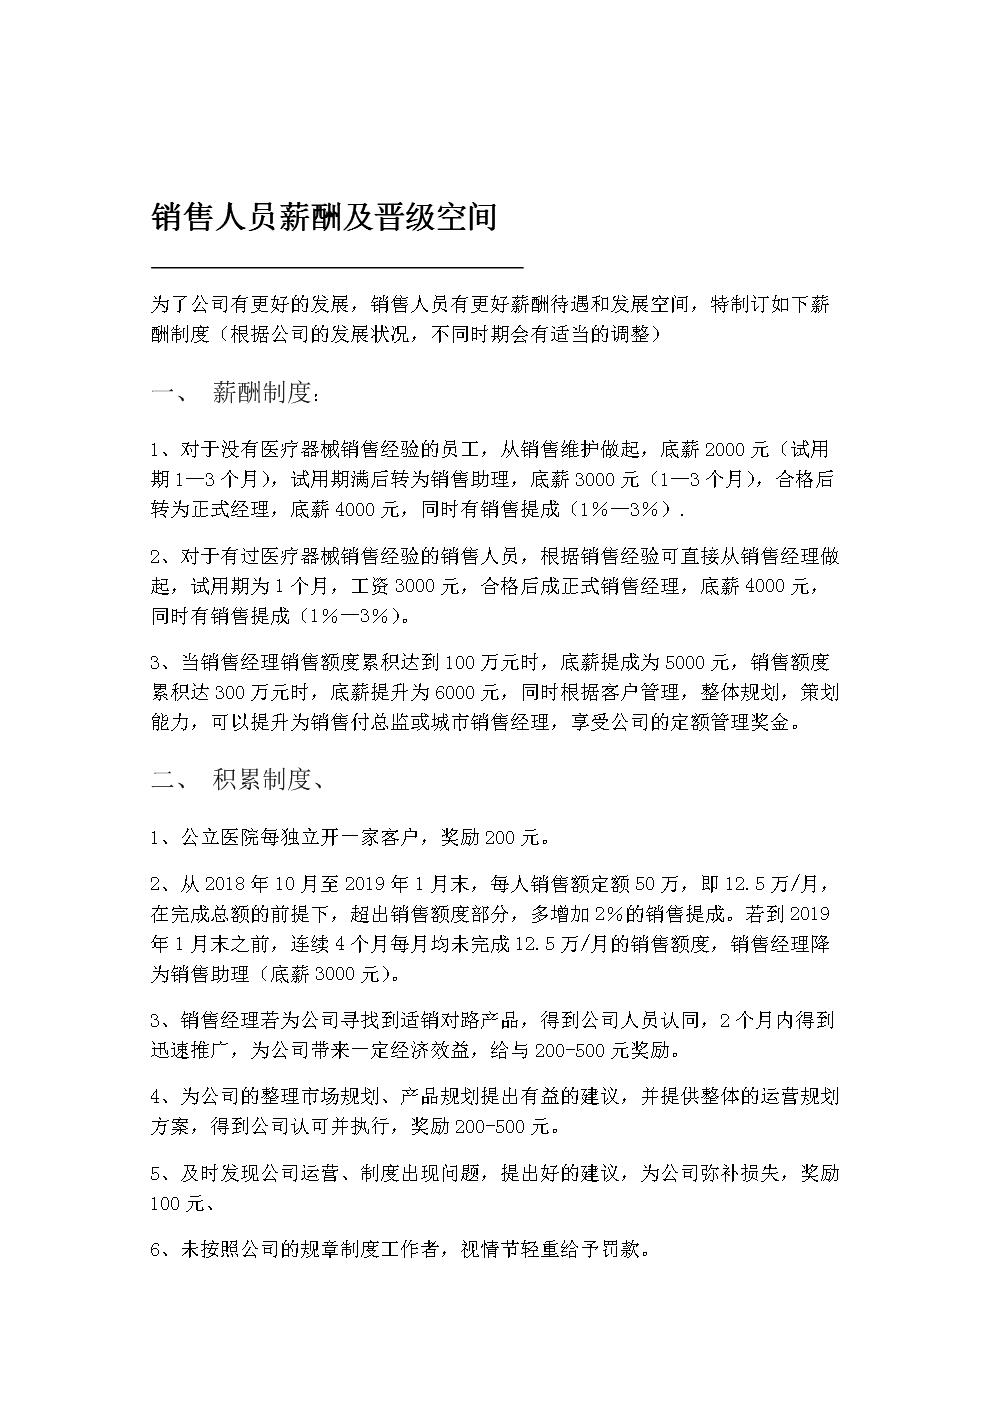 销售人员薪酬及晋级空间.doc